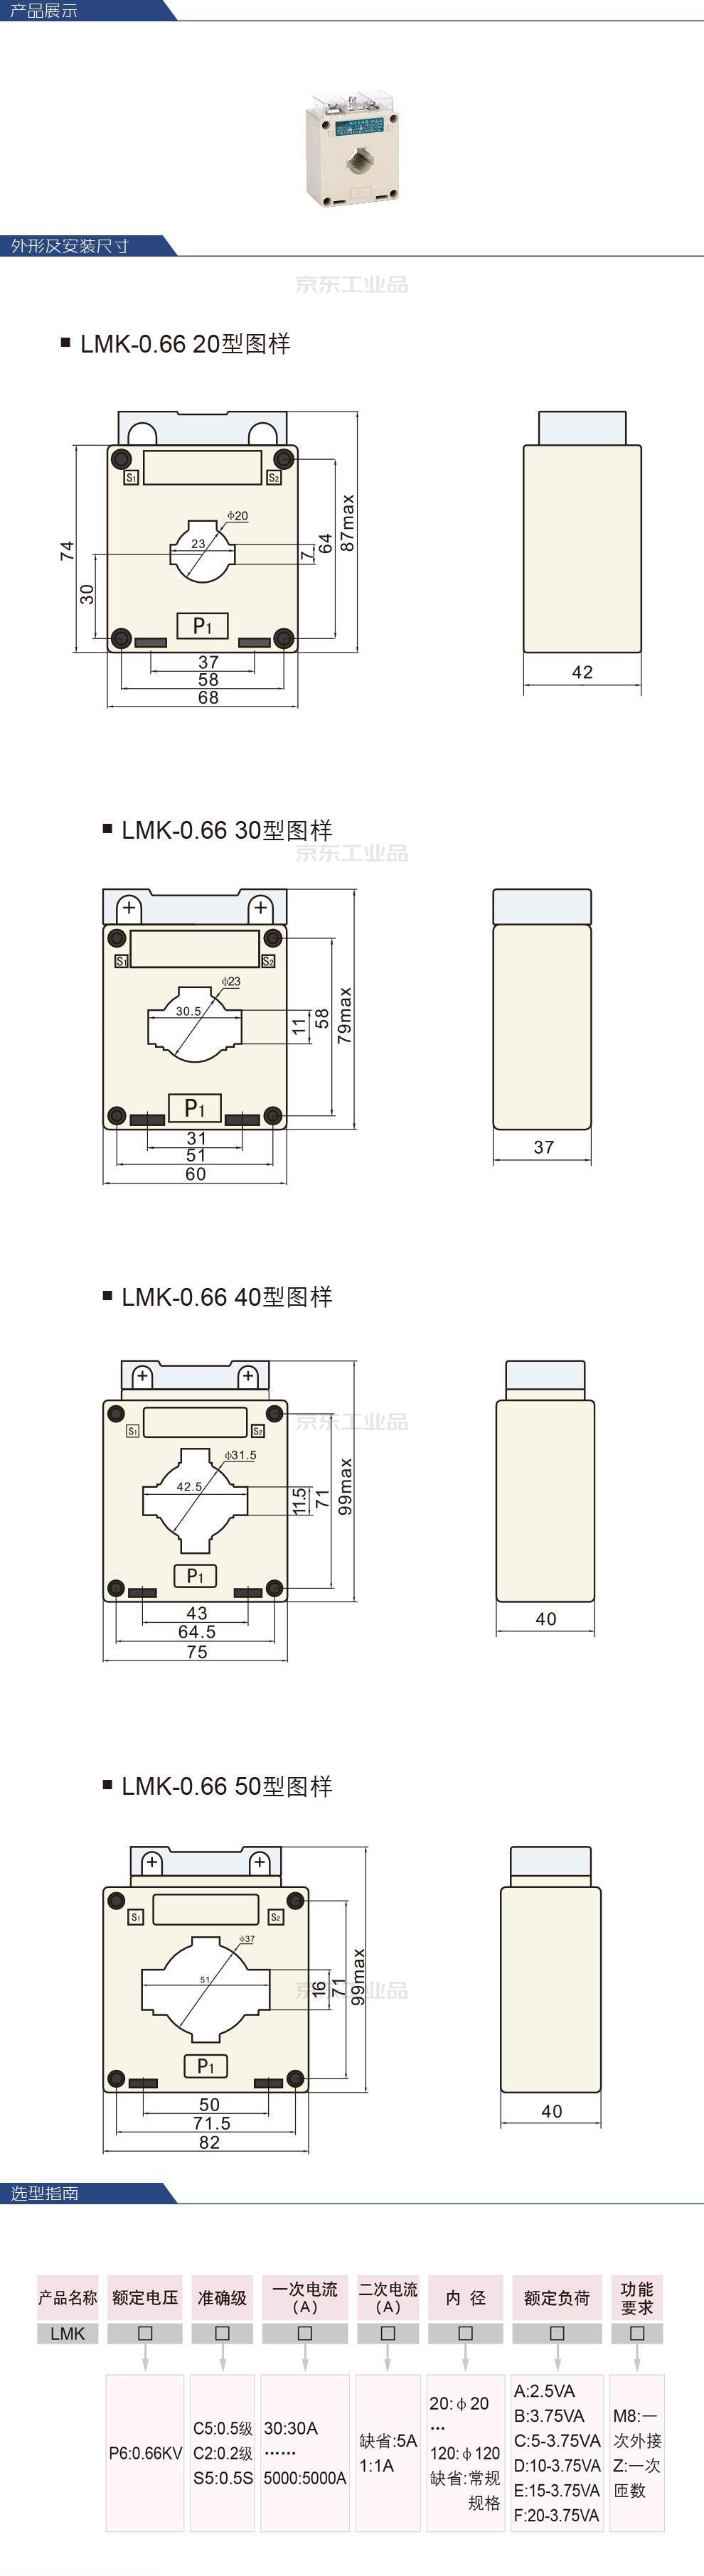 德力西电气 电流互感器;LMK-0.66 400/5 Ф30